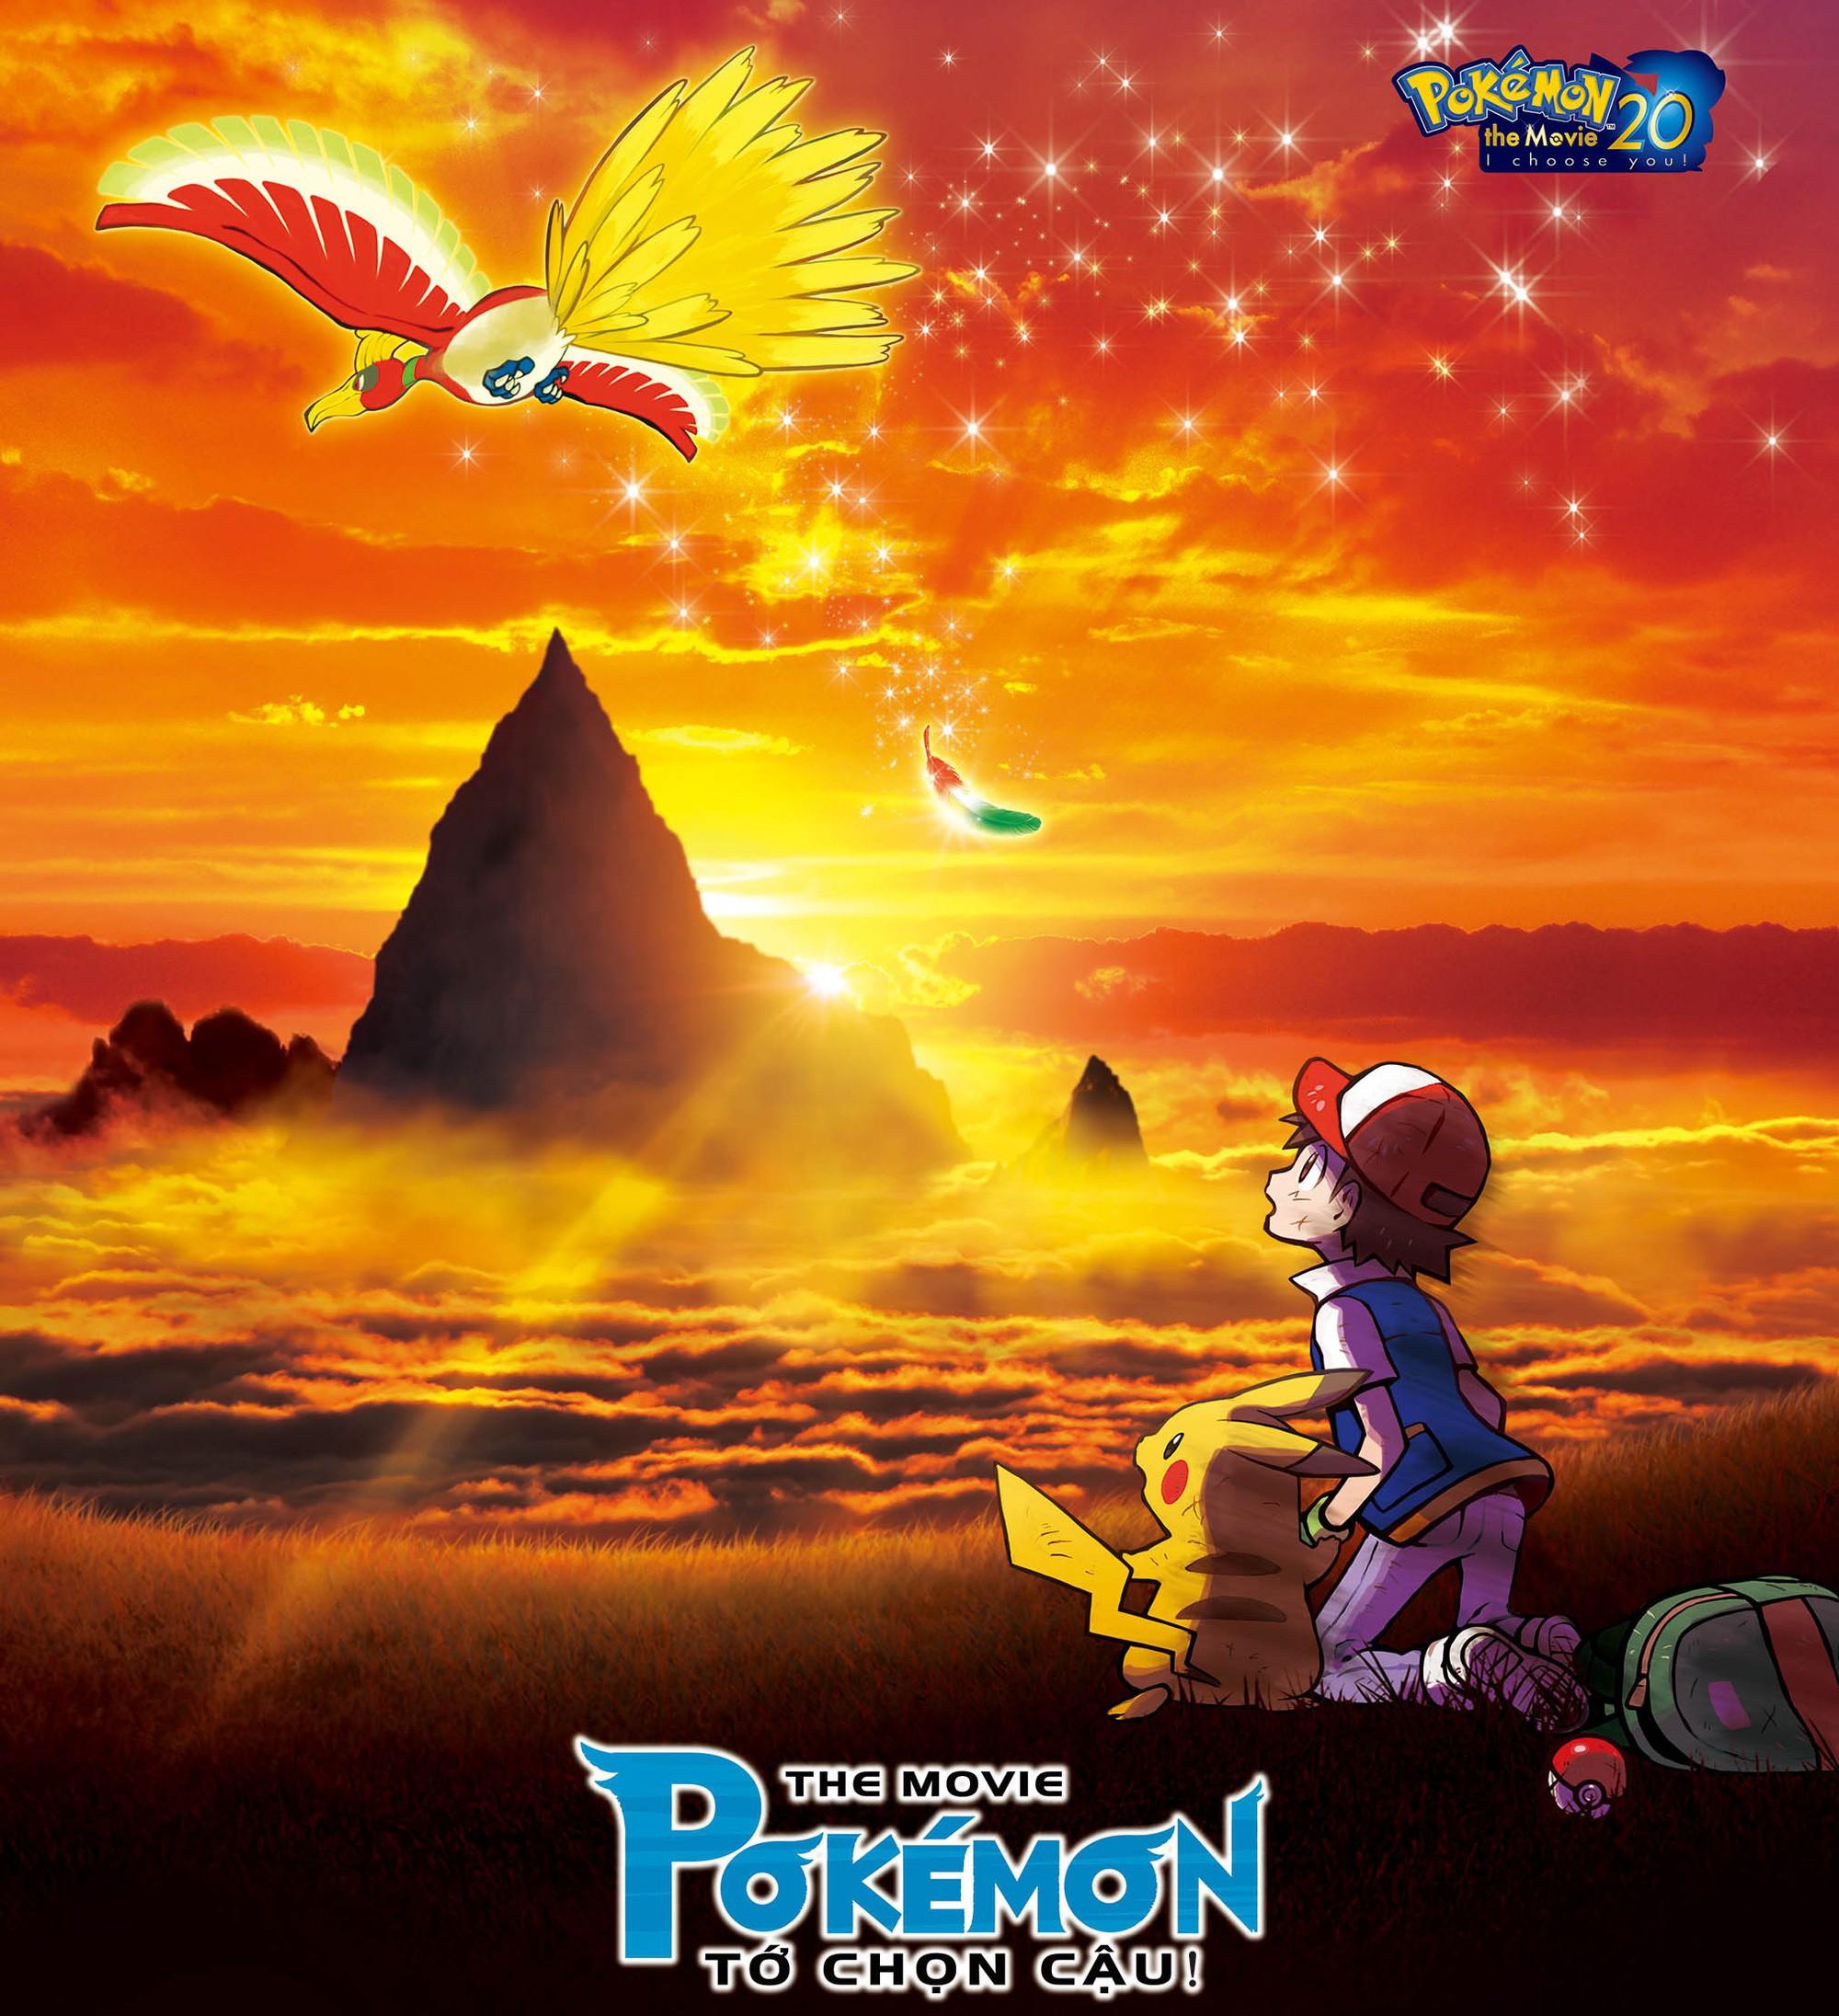 """Quay ngược thời gian gặp lại Pikachu lần đầu tiên trong """"Pokémon: Tớ Chọn Cậu!"""" - Ảnh 1."""